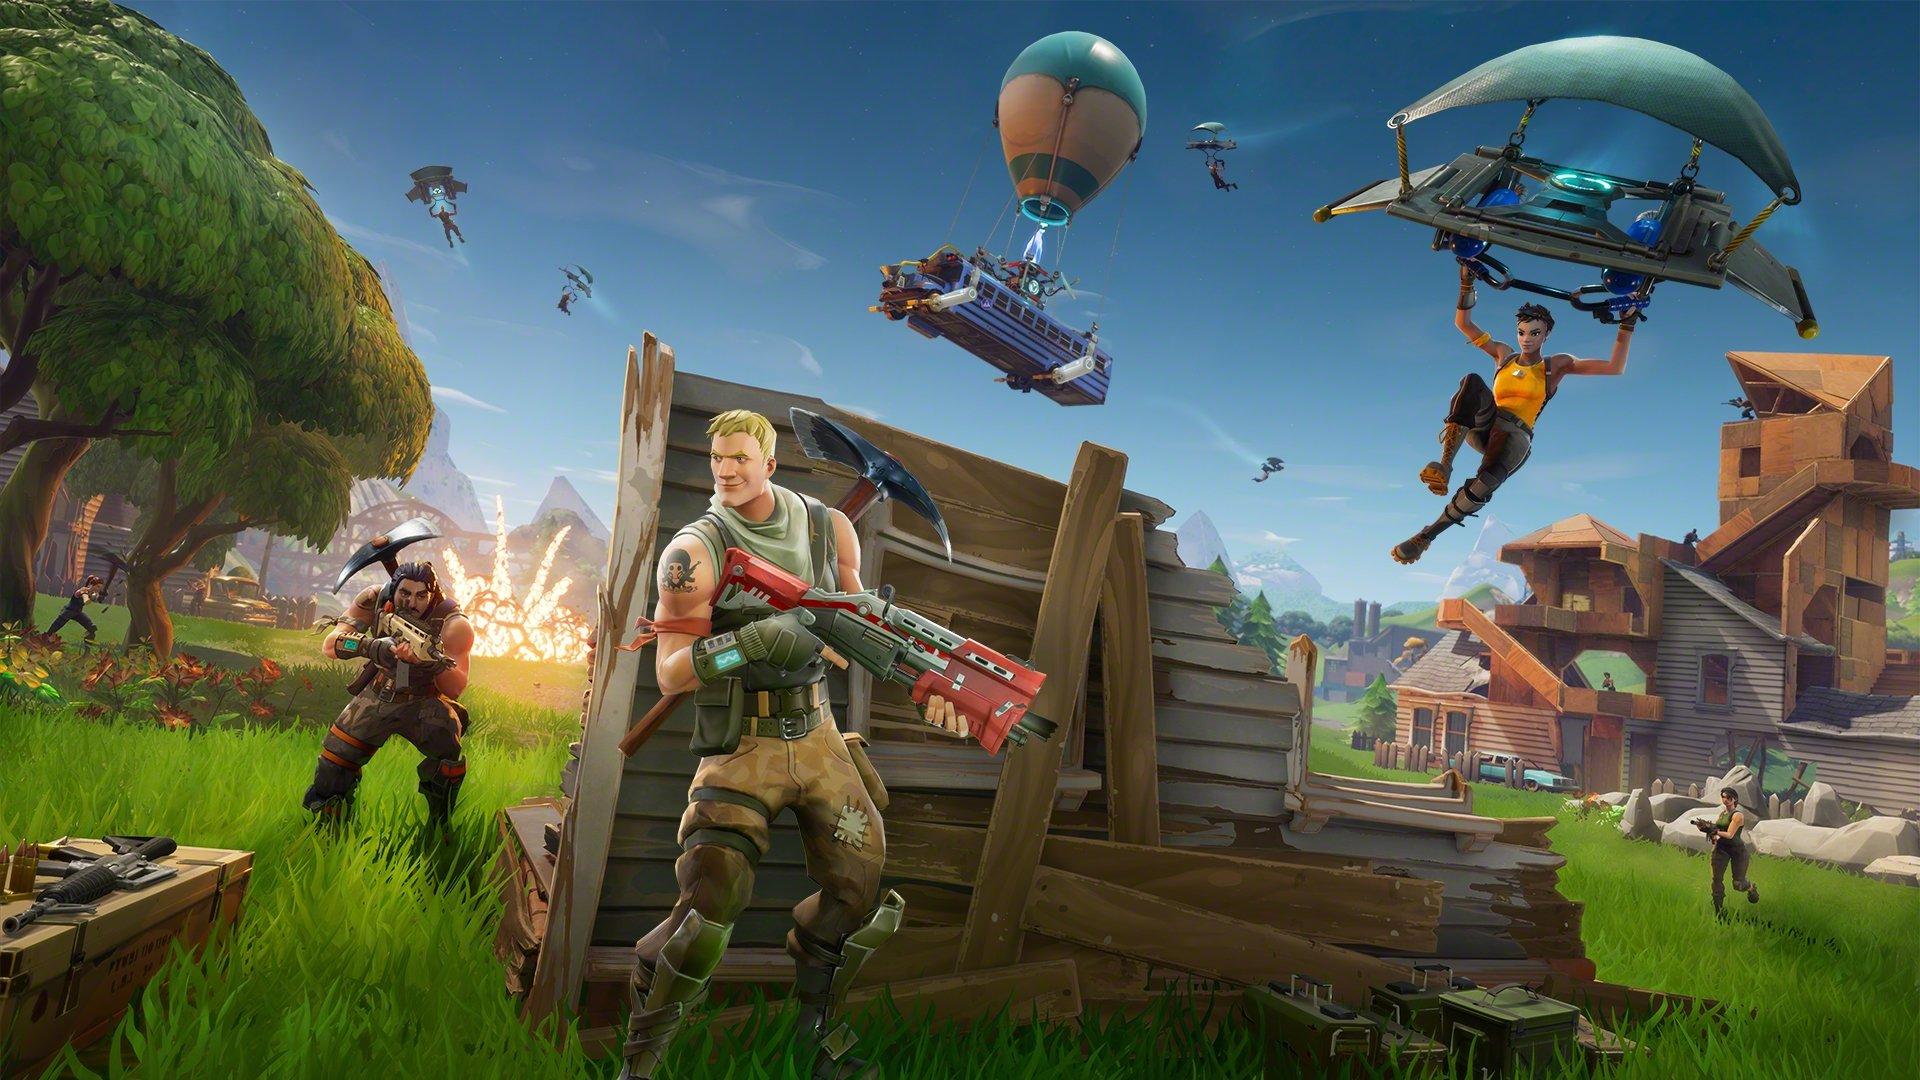 Epic Games dévoile un nouveau magasin, les développeurs conservent 88% du chiffre d'affaires